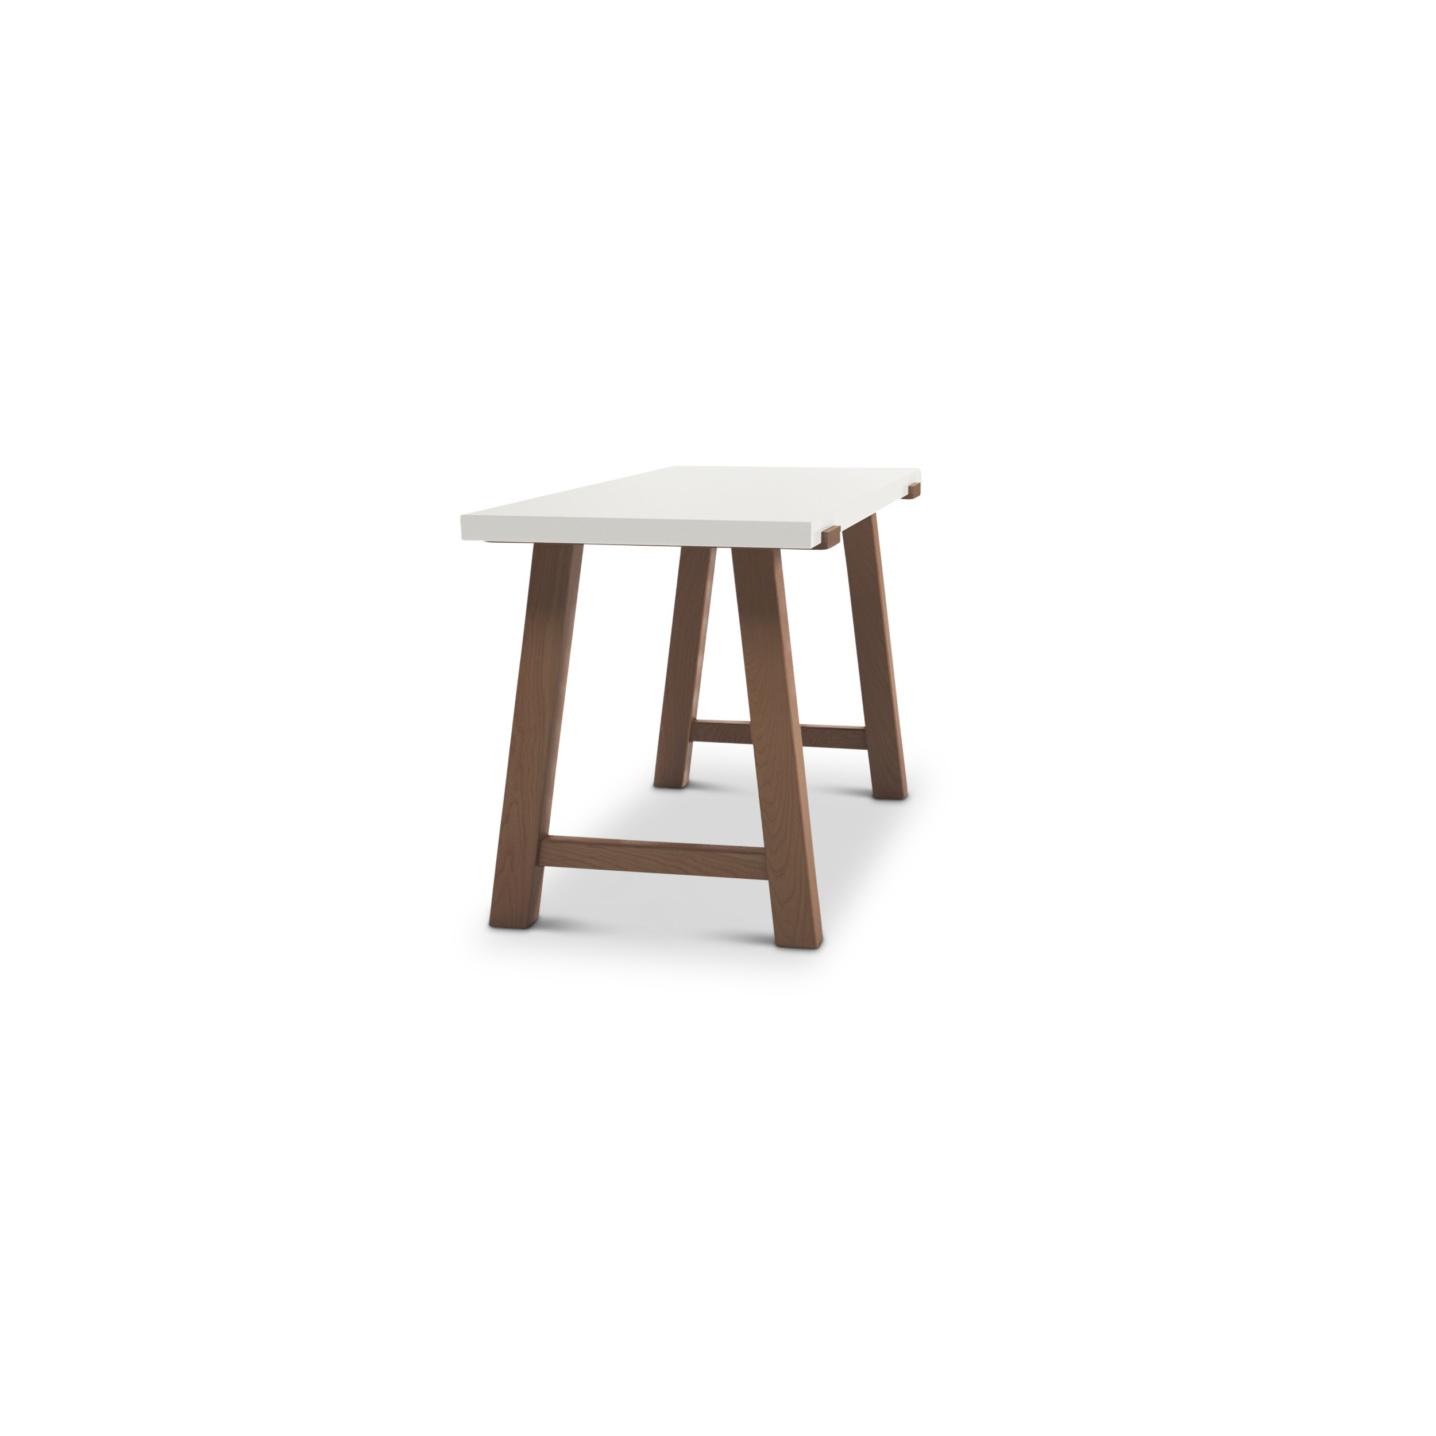 Design-oriented cherry modern desk